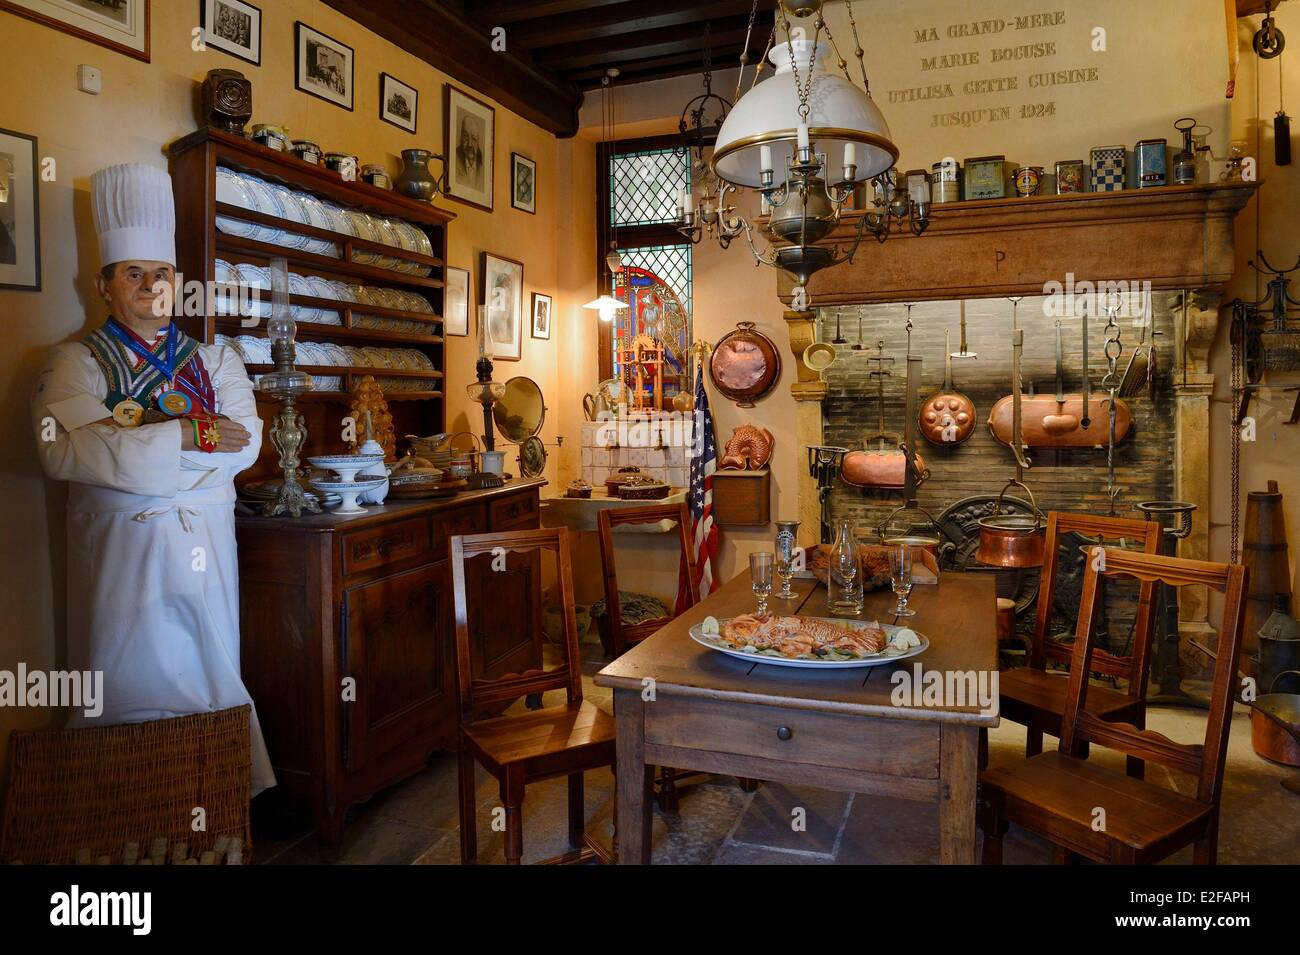 France Rhone Collonges au Mont d'Or Paul Bocuse Restaurant L'abbaye de Collonges dedicated to receptions - Stock Image